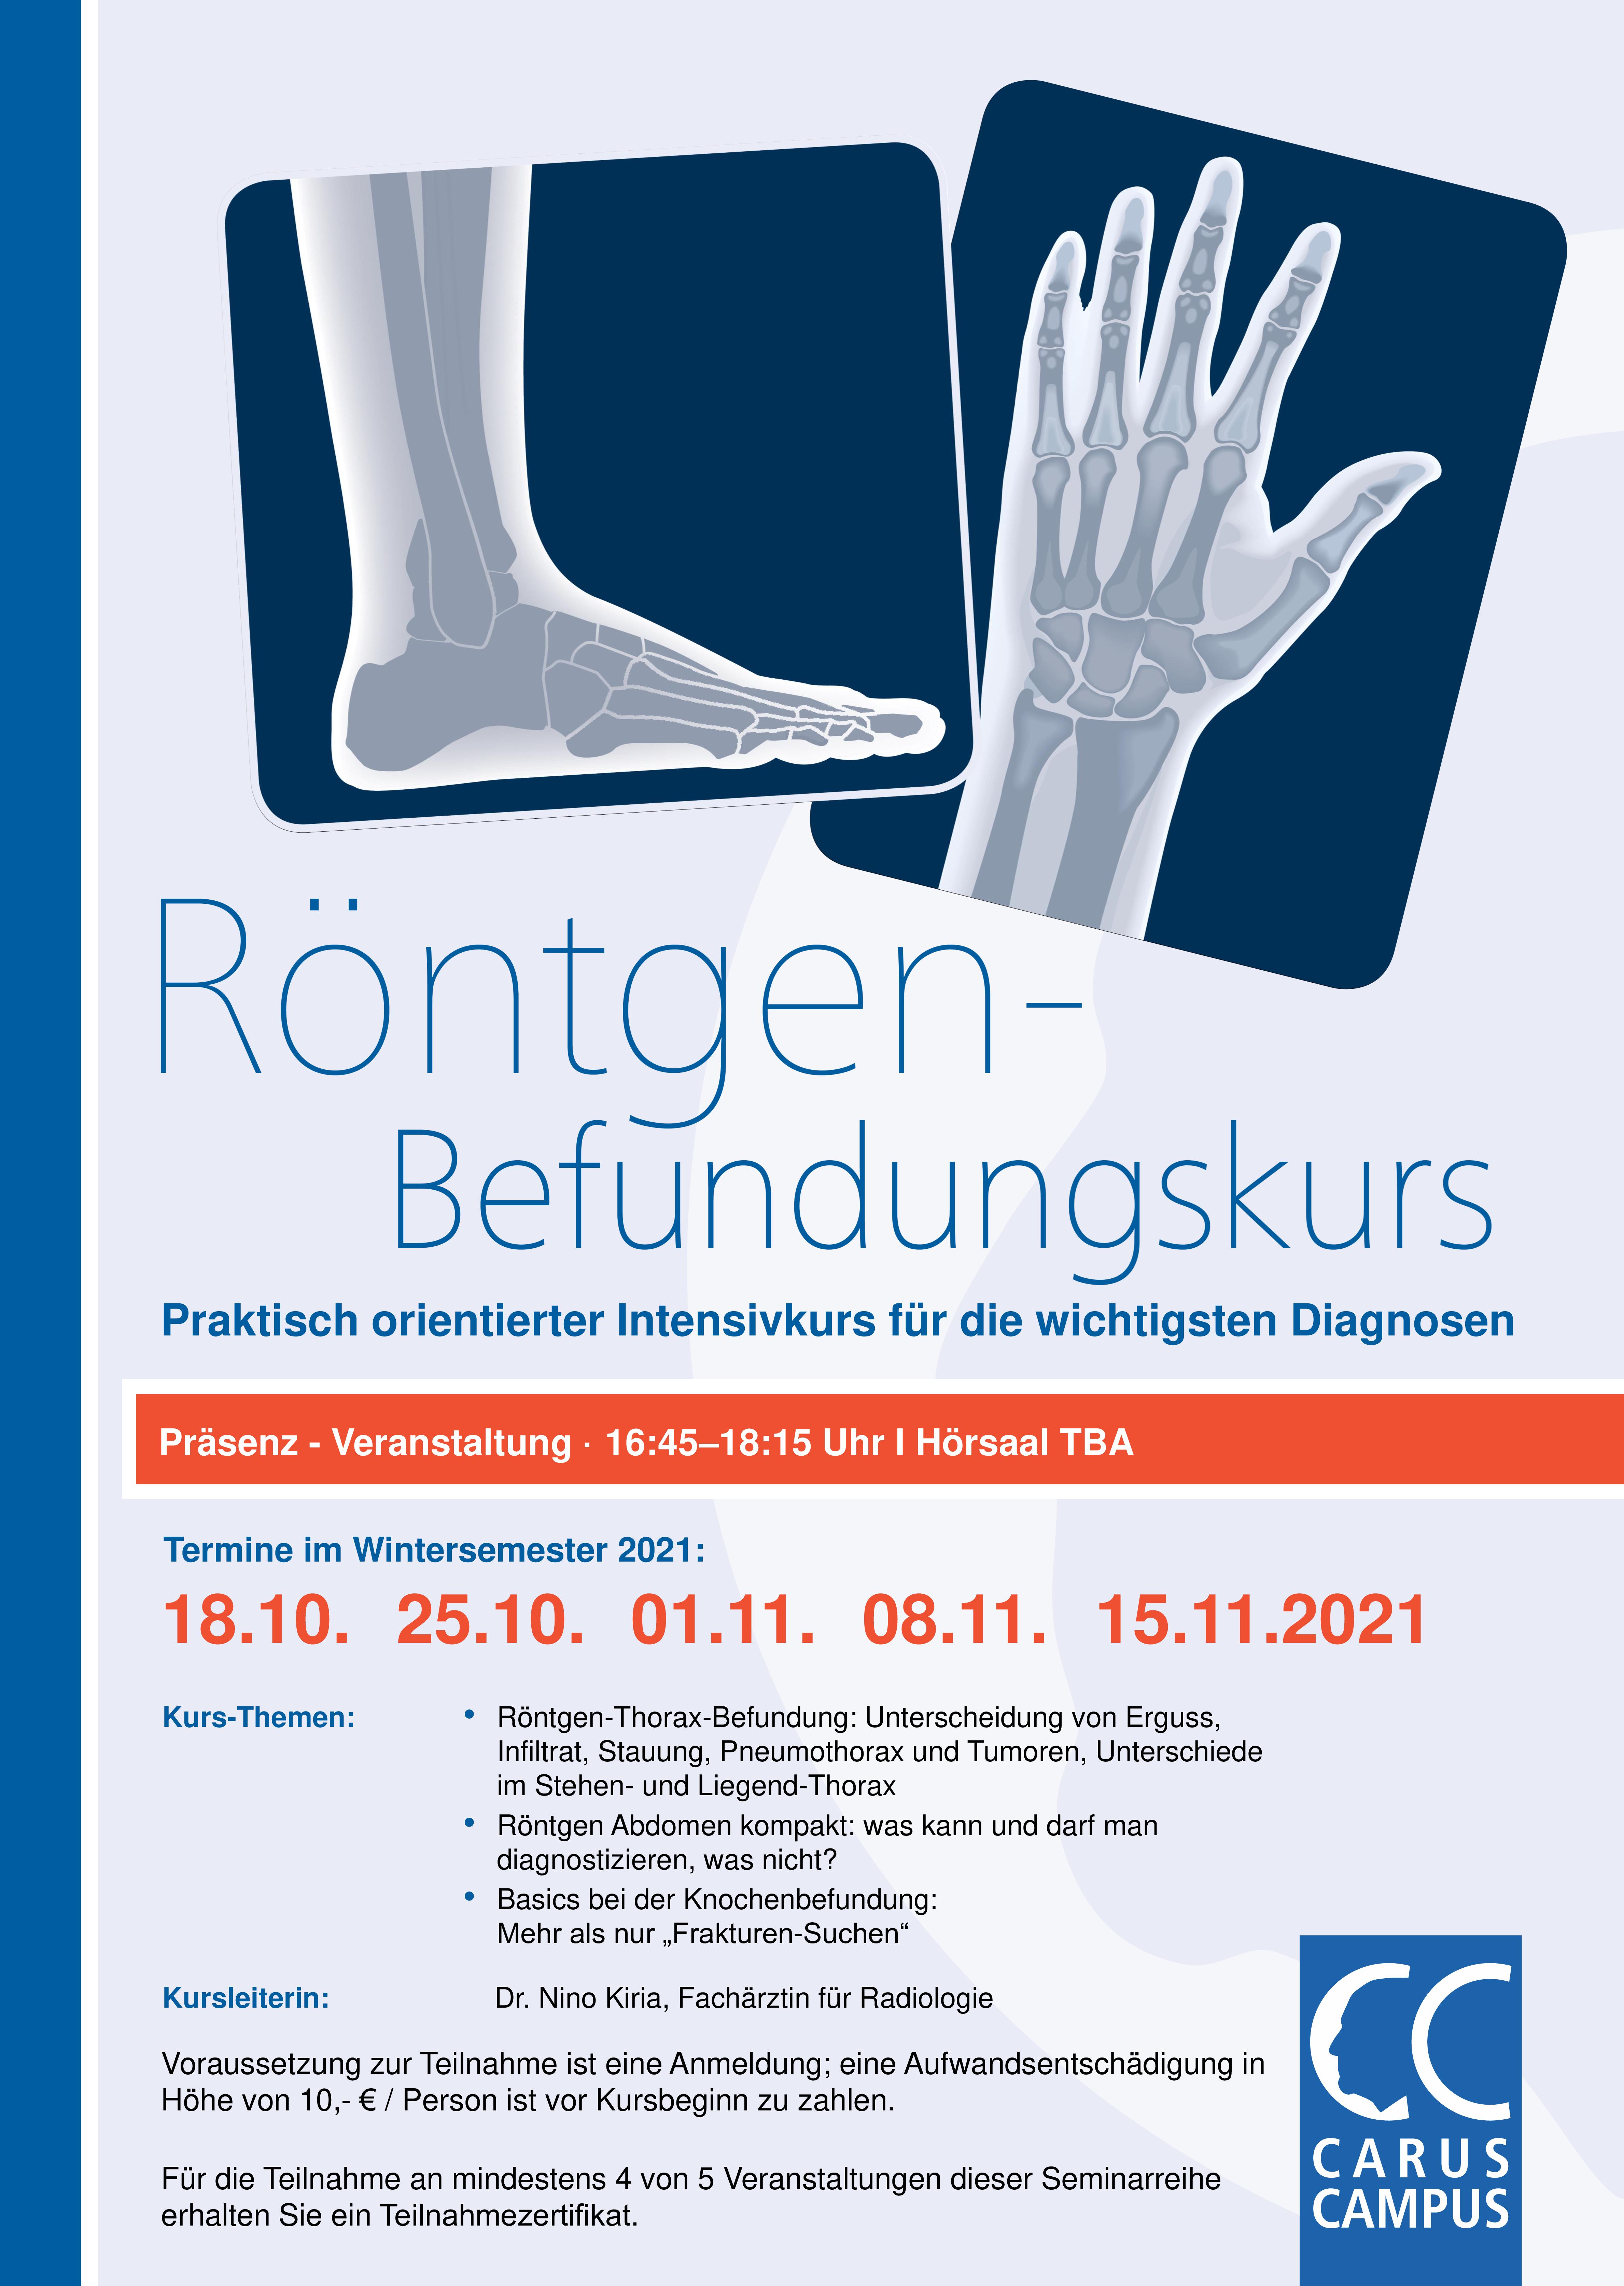 Röntgenbefundungskurs